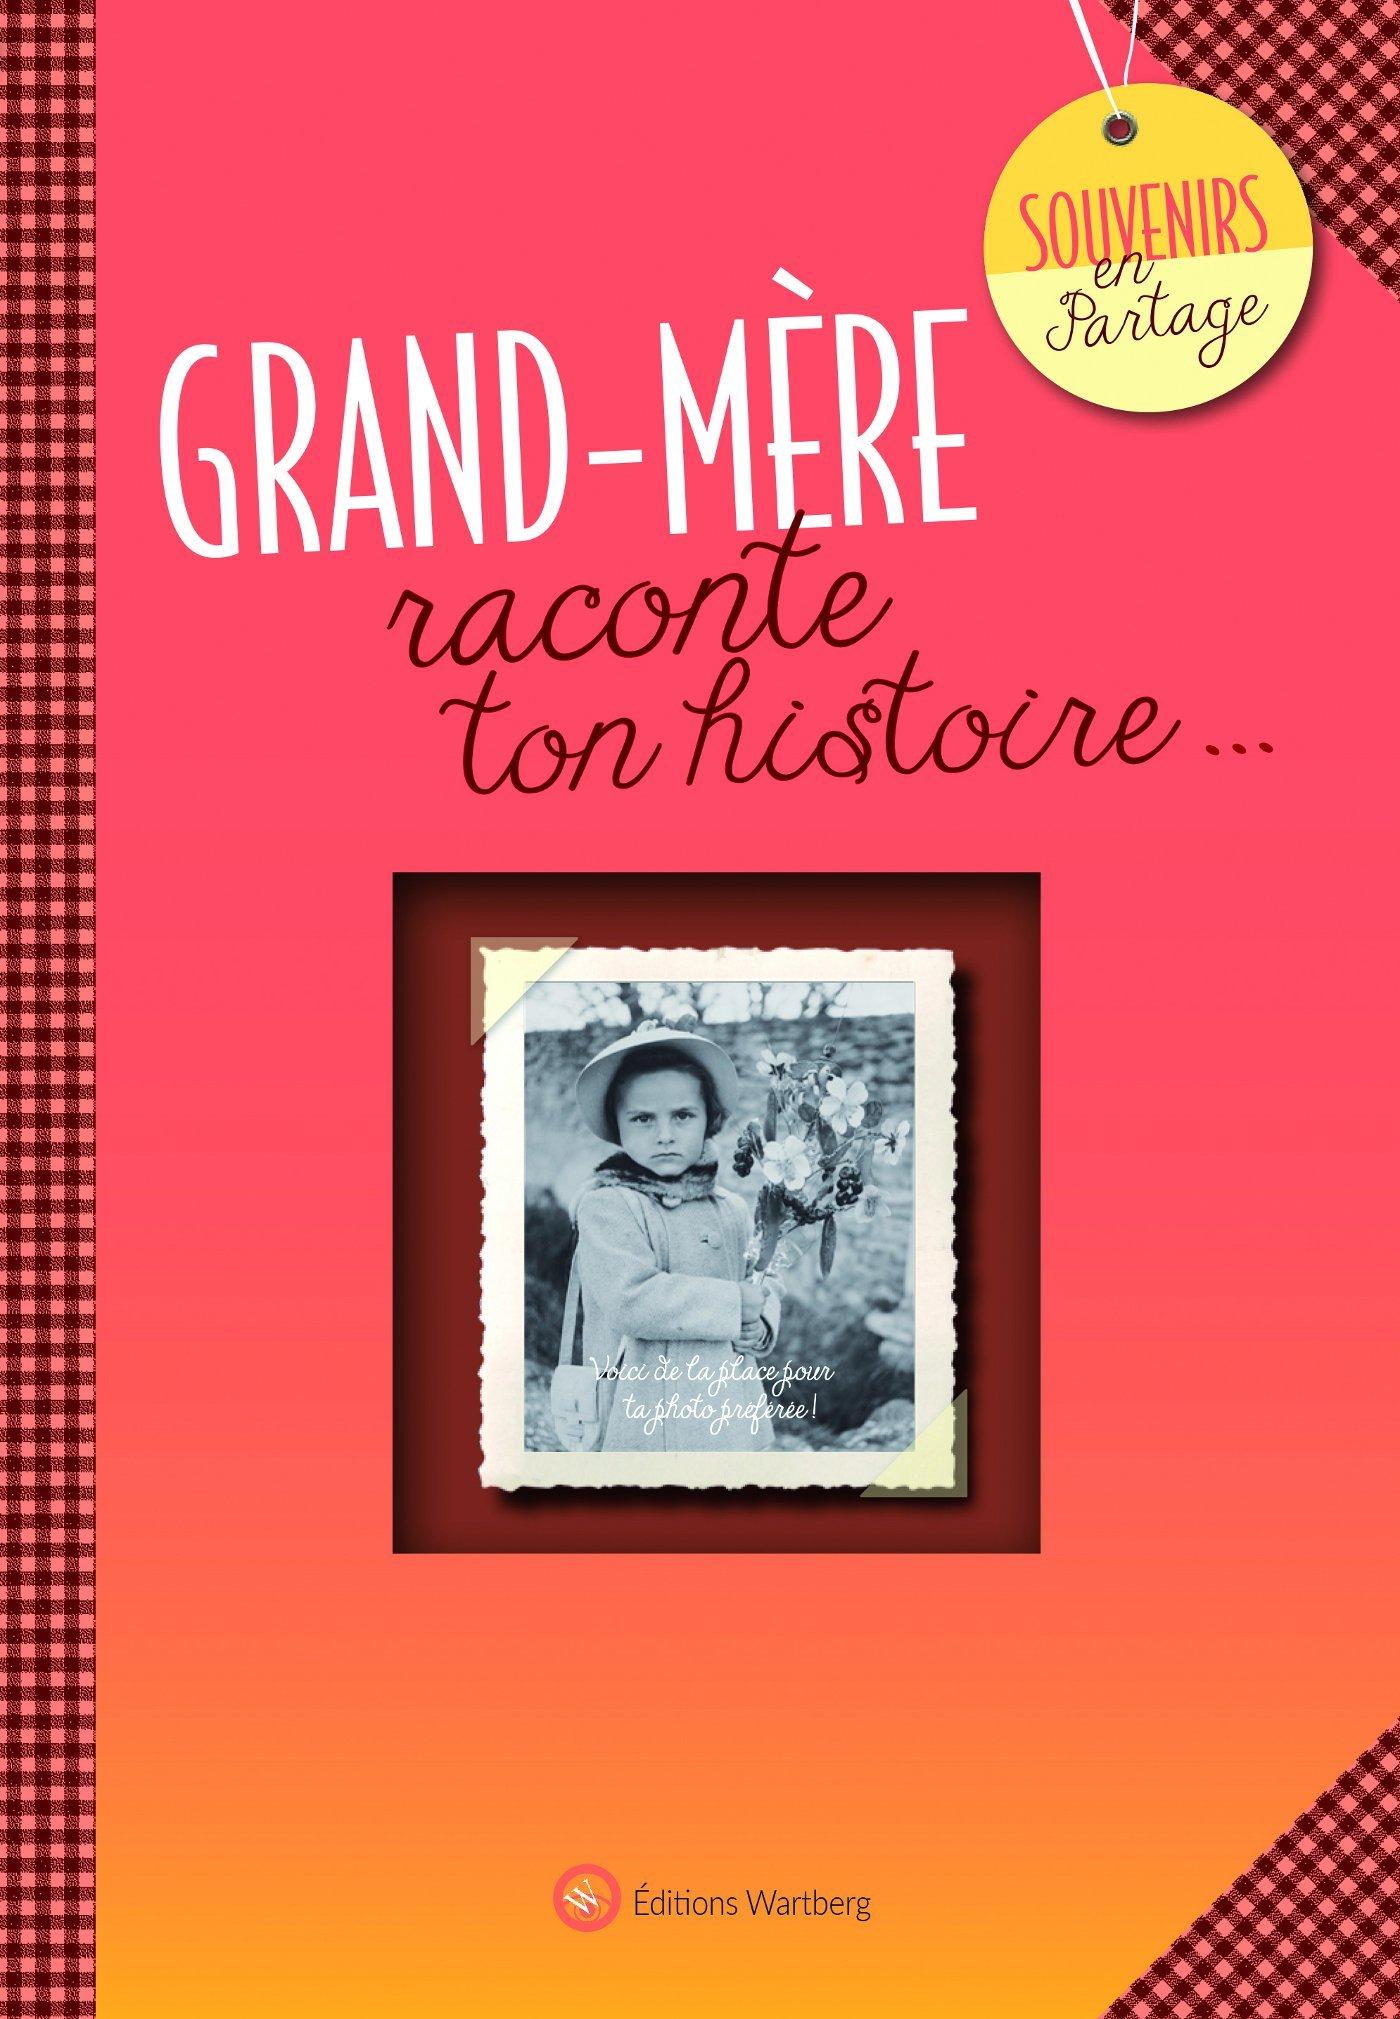 GRAND-MERE, RACONTE TON HISTOIRE